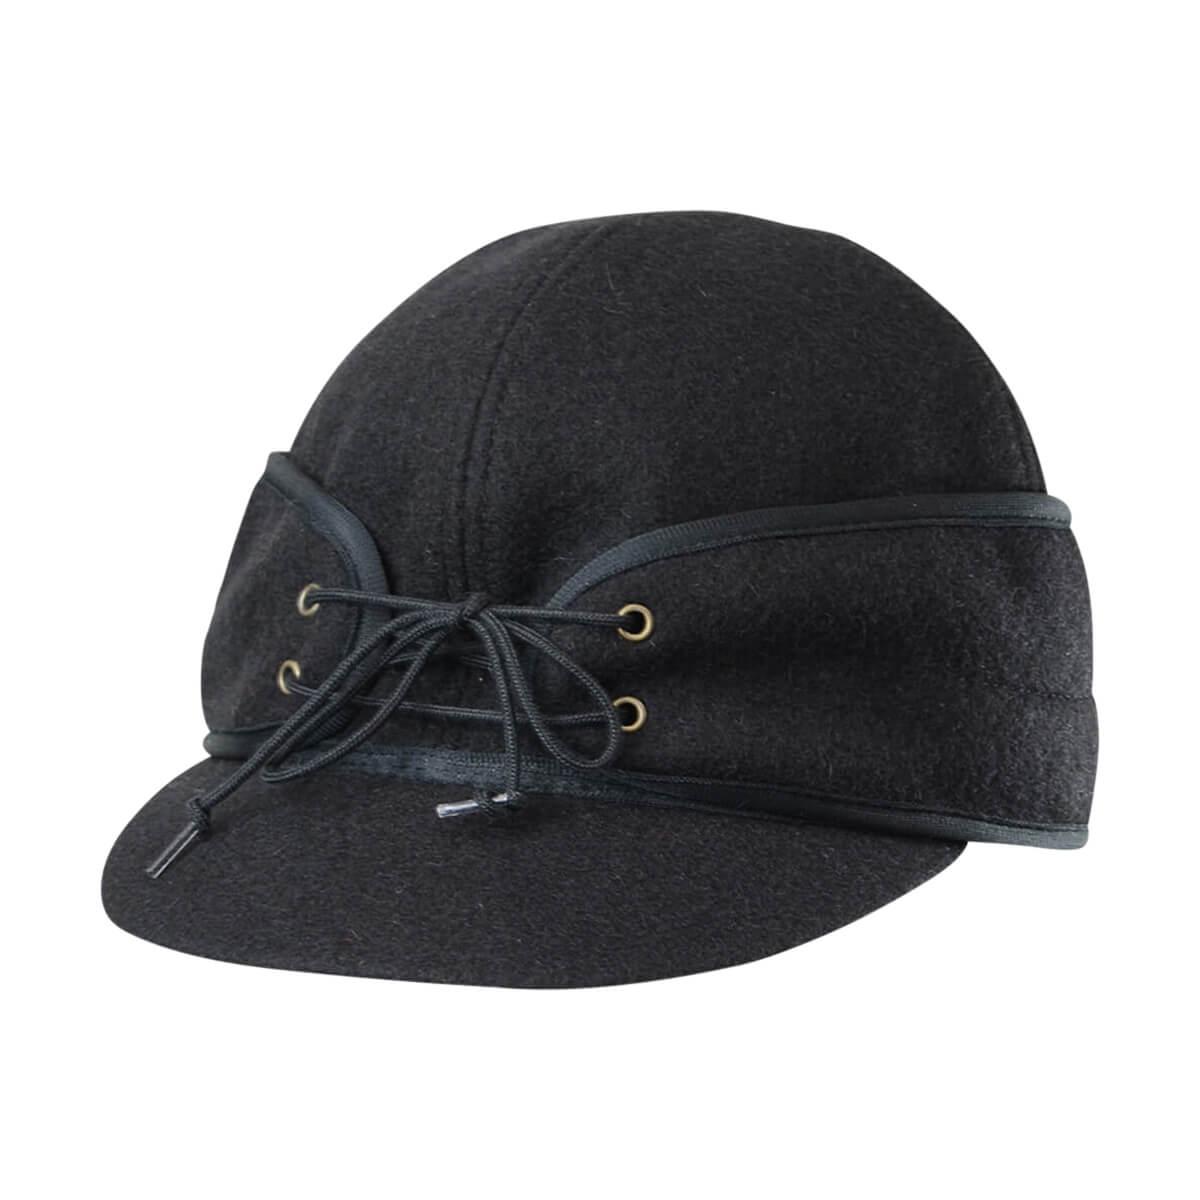 Railroad Cap - Black